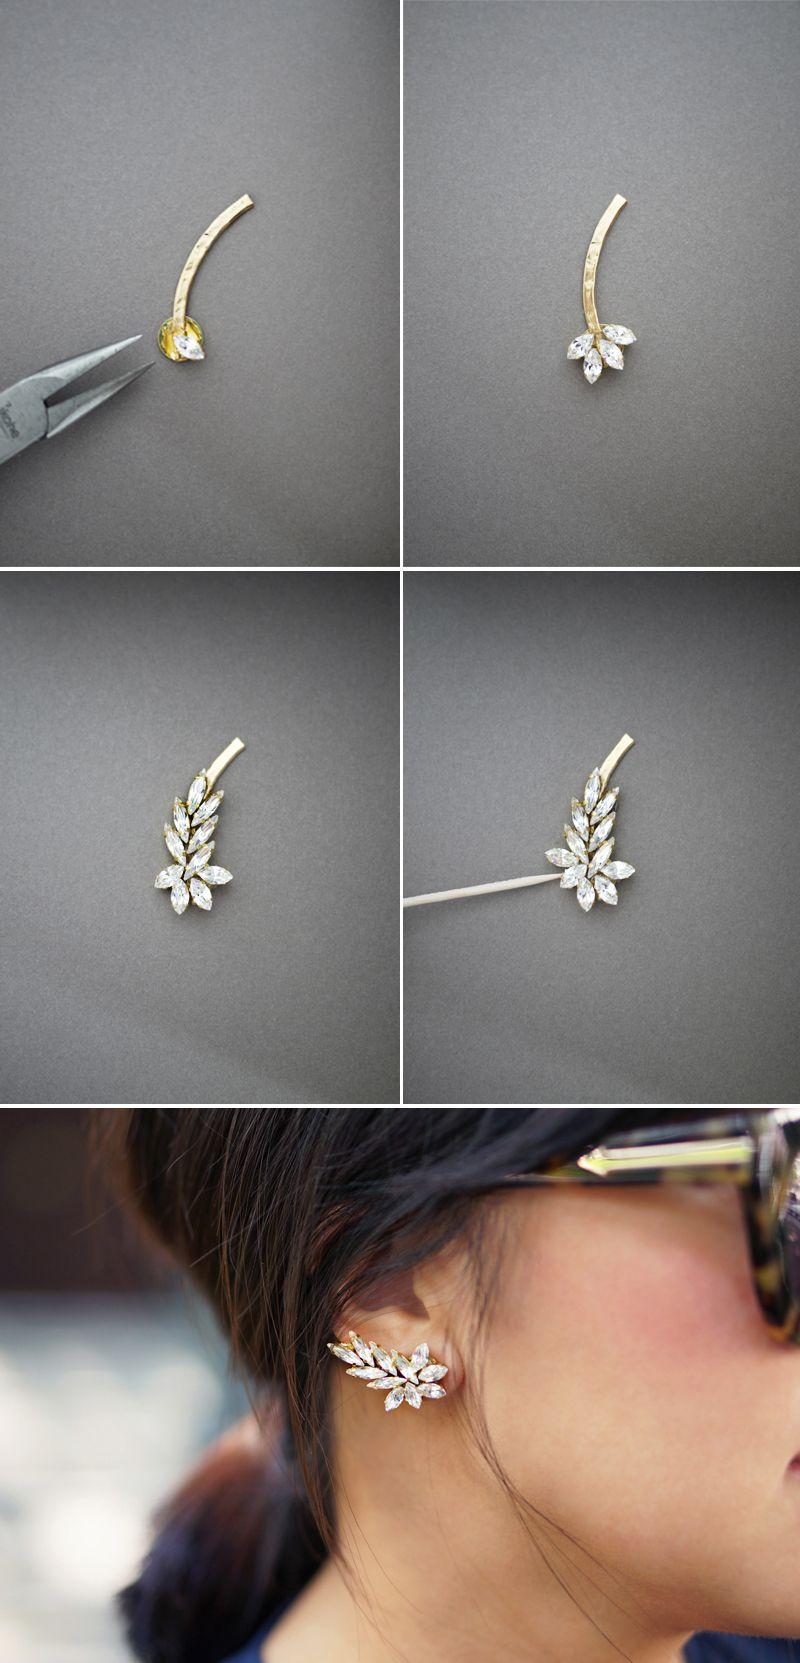 DIY Ear Cuff | Pinterest | Ear cuff tutorial, Tutorials and Craft